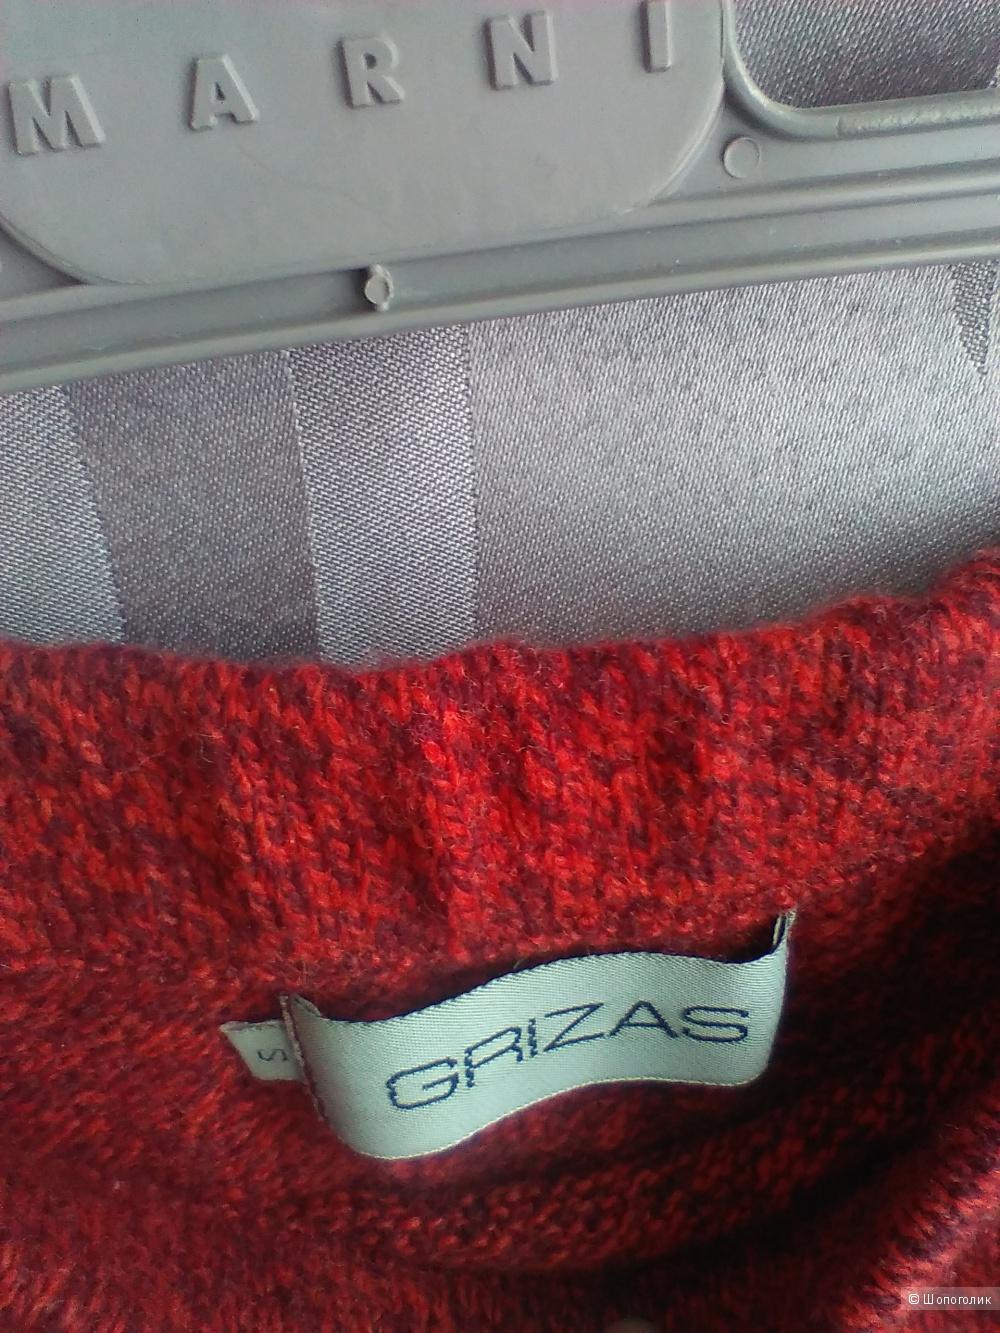 Юбка Grizas. Размер S (44-46)